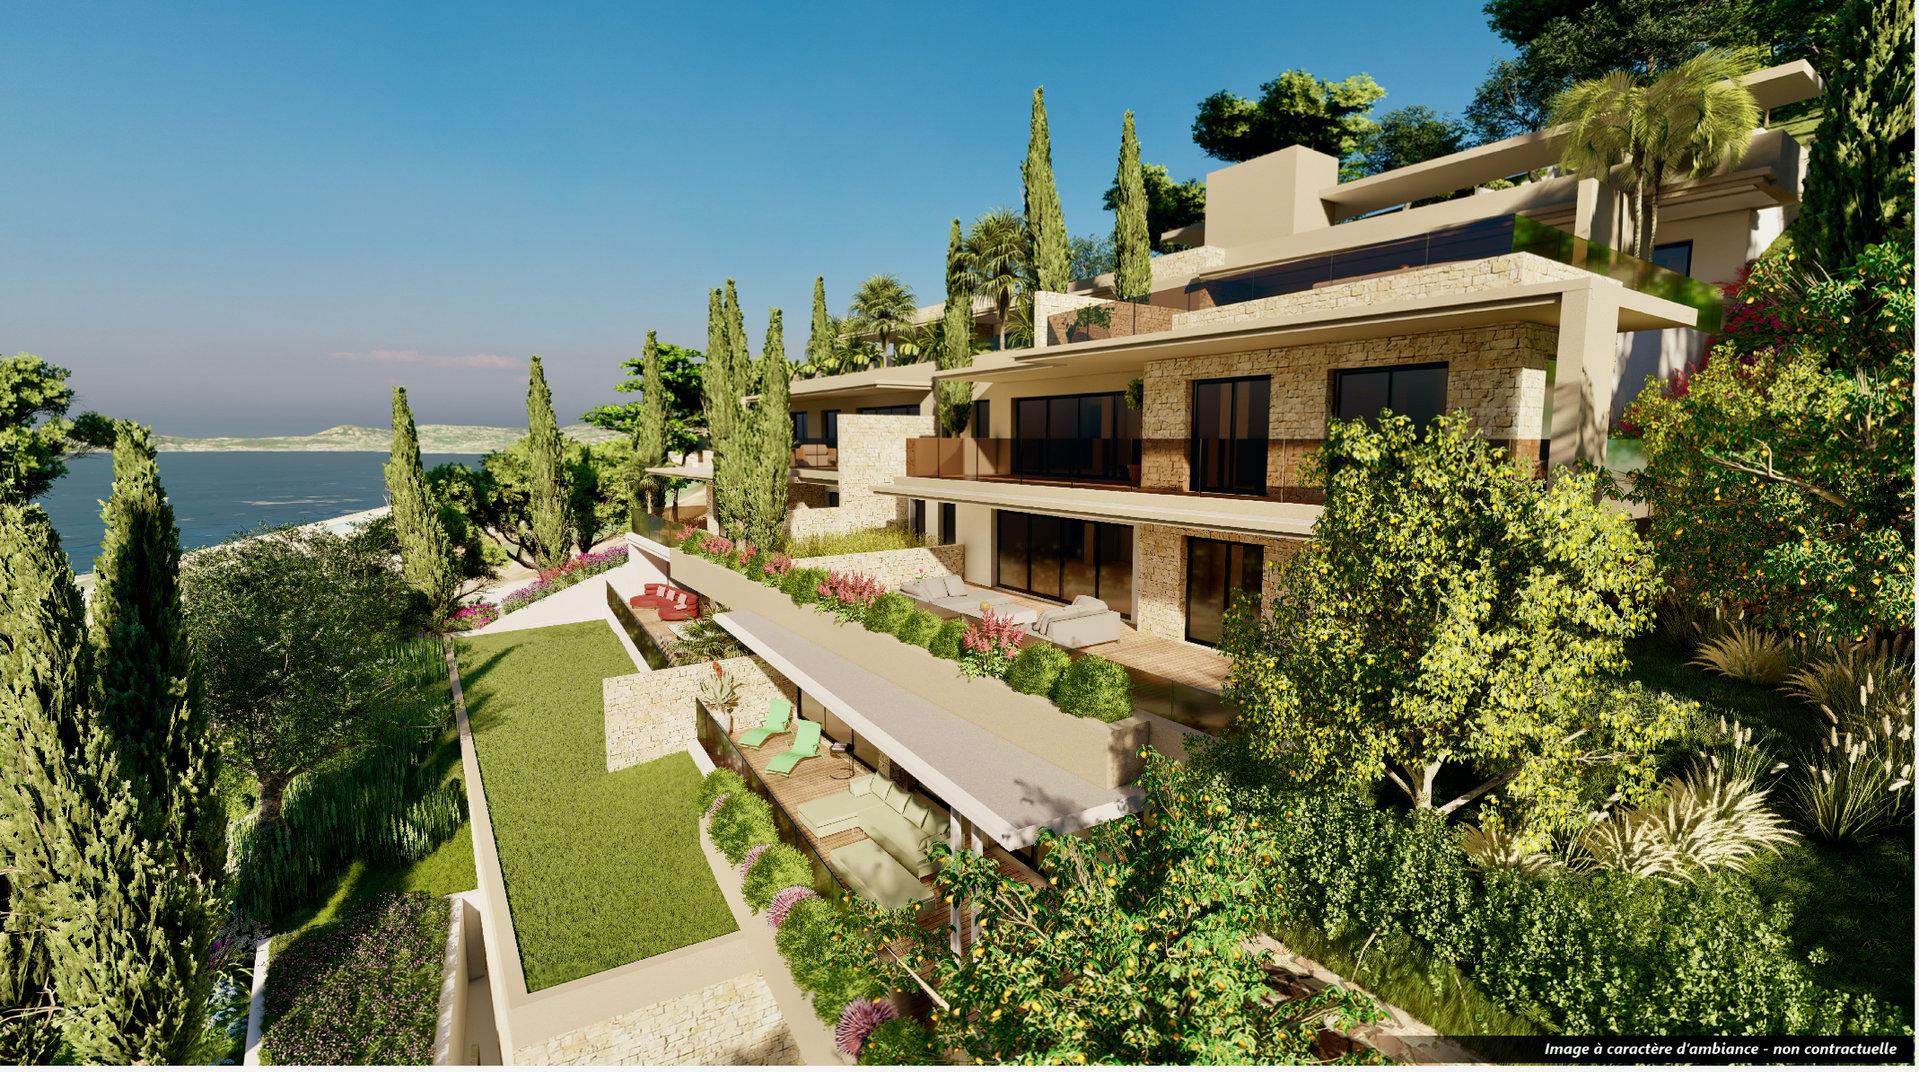 Les Issambres - appartement neuf - de 80,4m2 - luxueux de haut standing avec une vue mer magnifique.